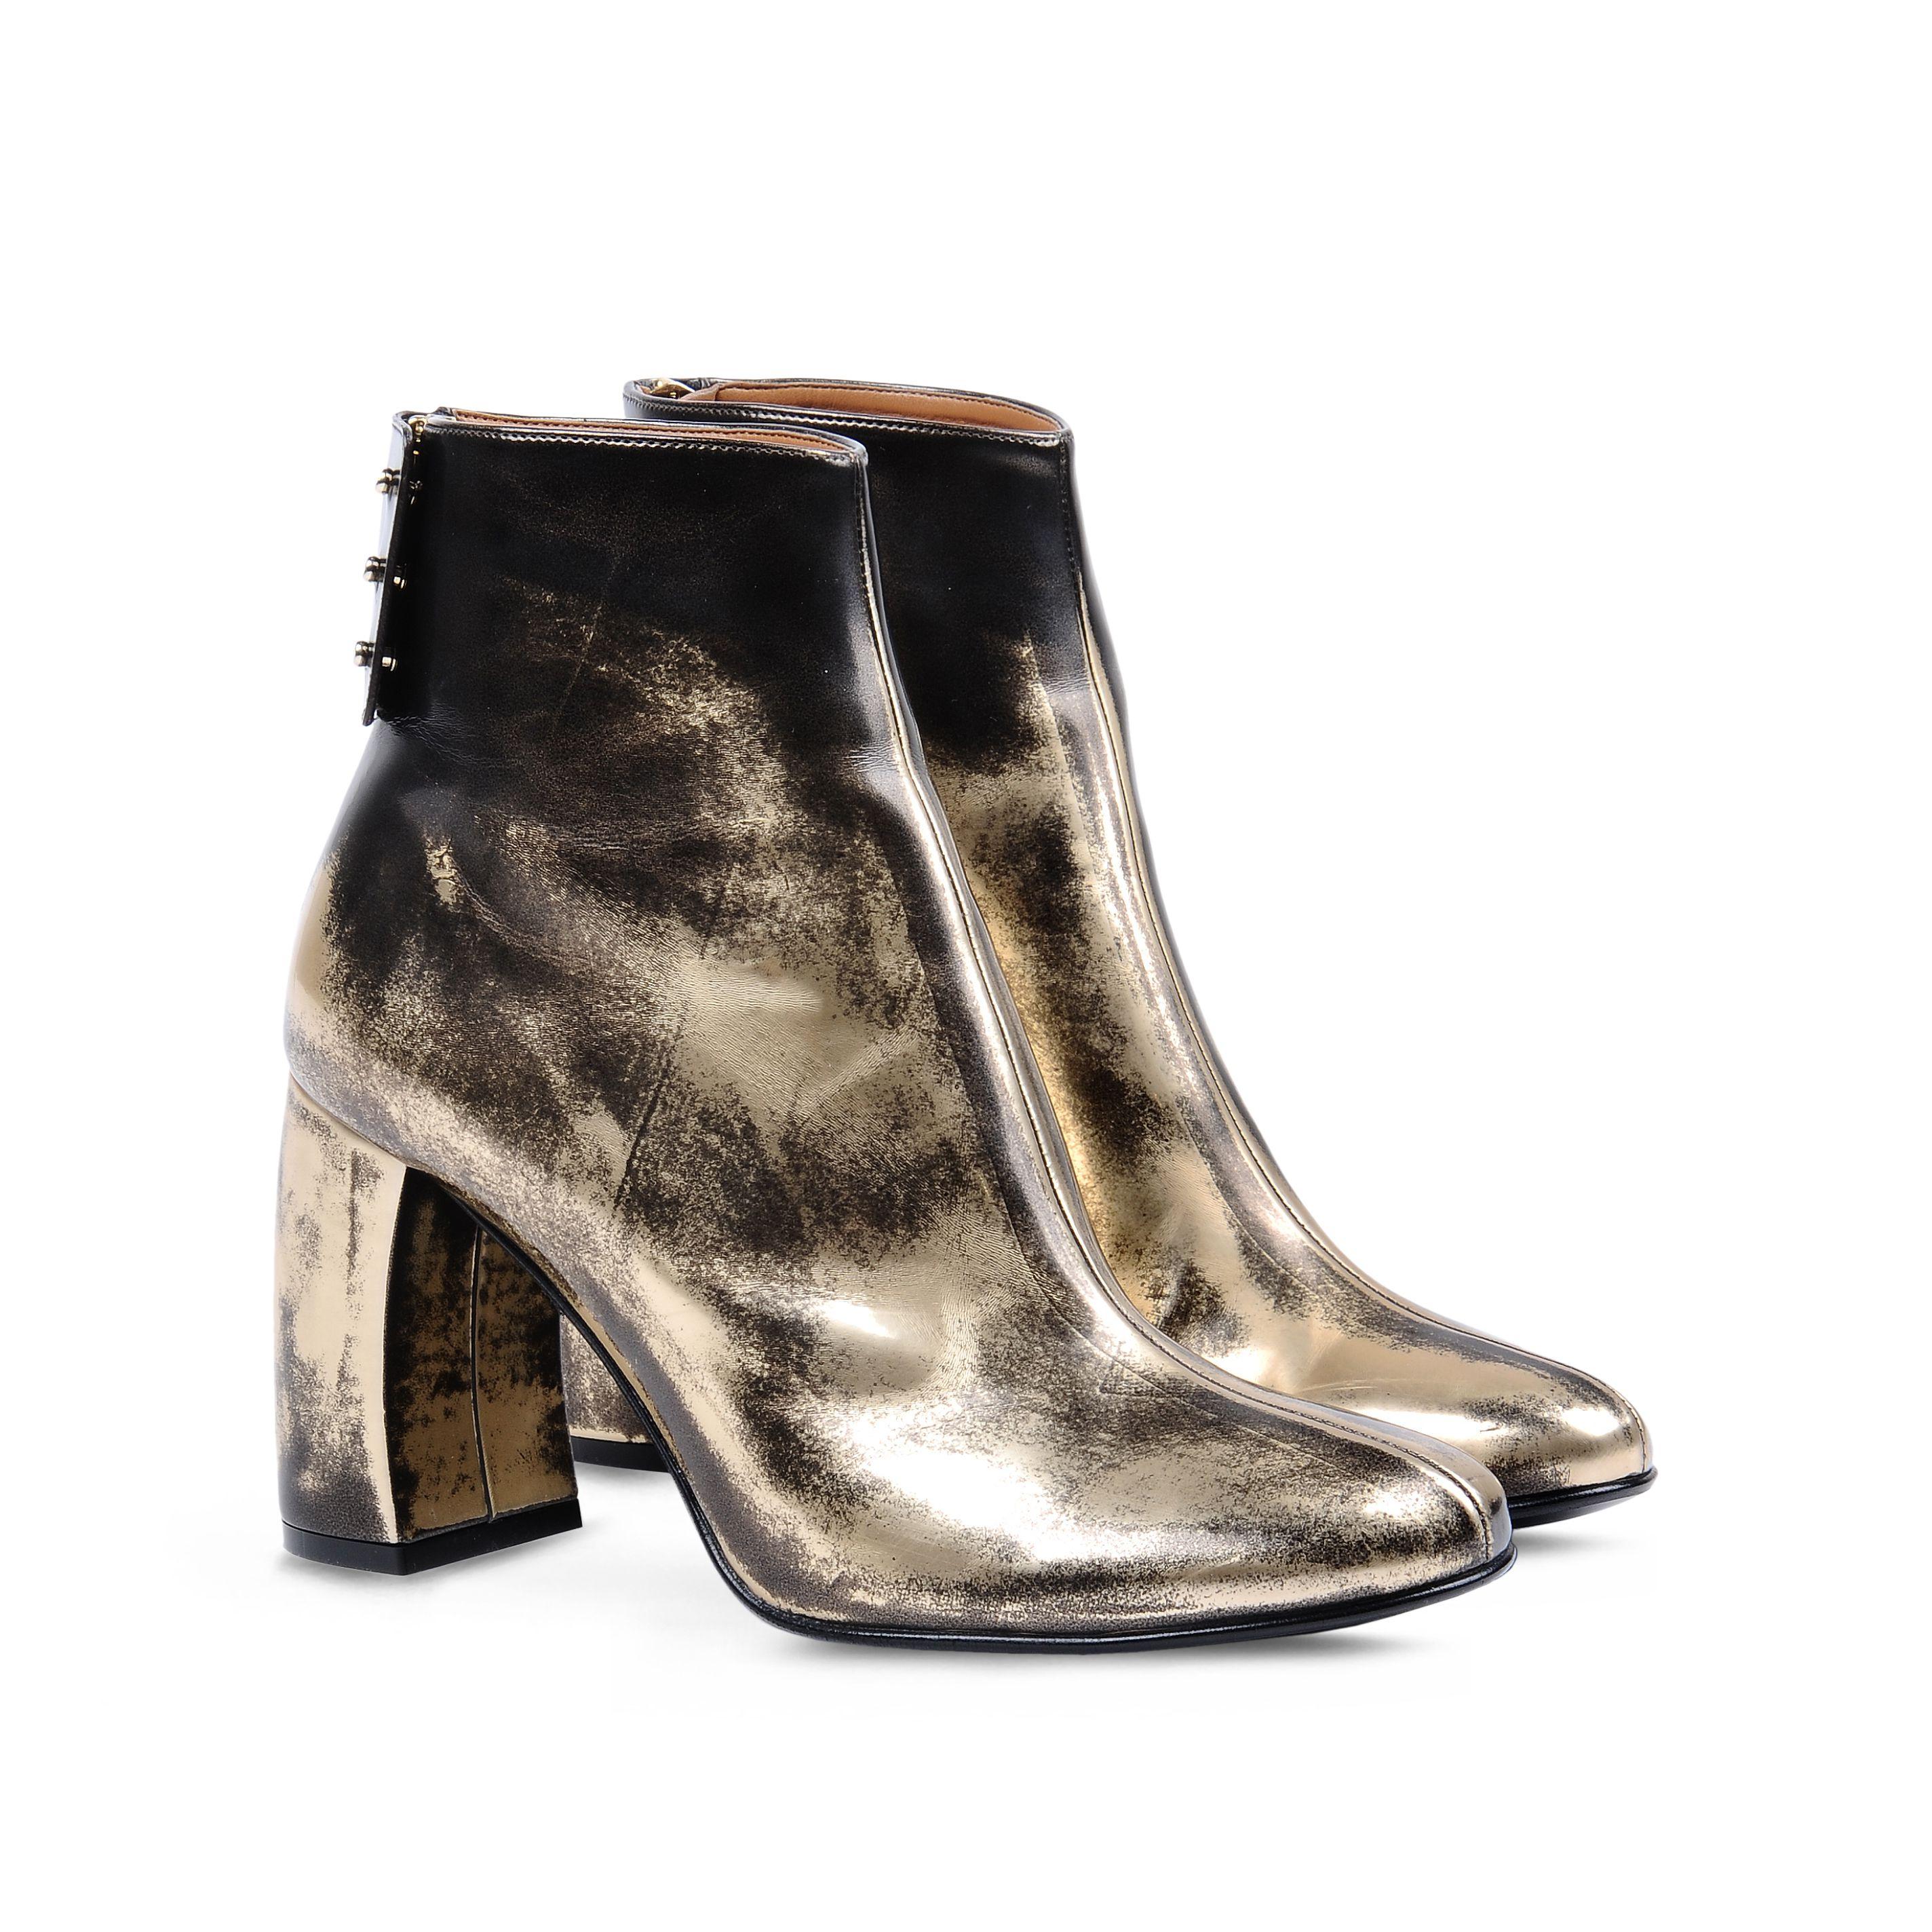 15_Ankle boots Stella McCartney in oro spazzolato con punta tonda, tacco a forma di mezzo cilindro e chiusura con zip e bottoni con patta (675 € sullo store online)